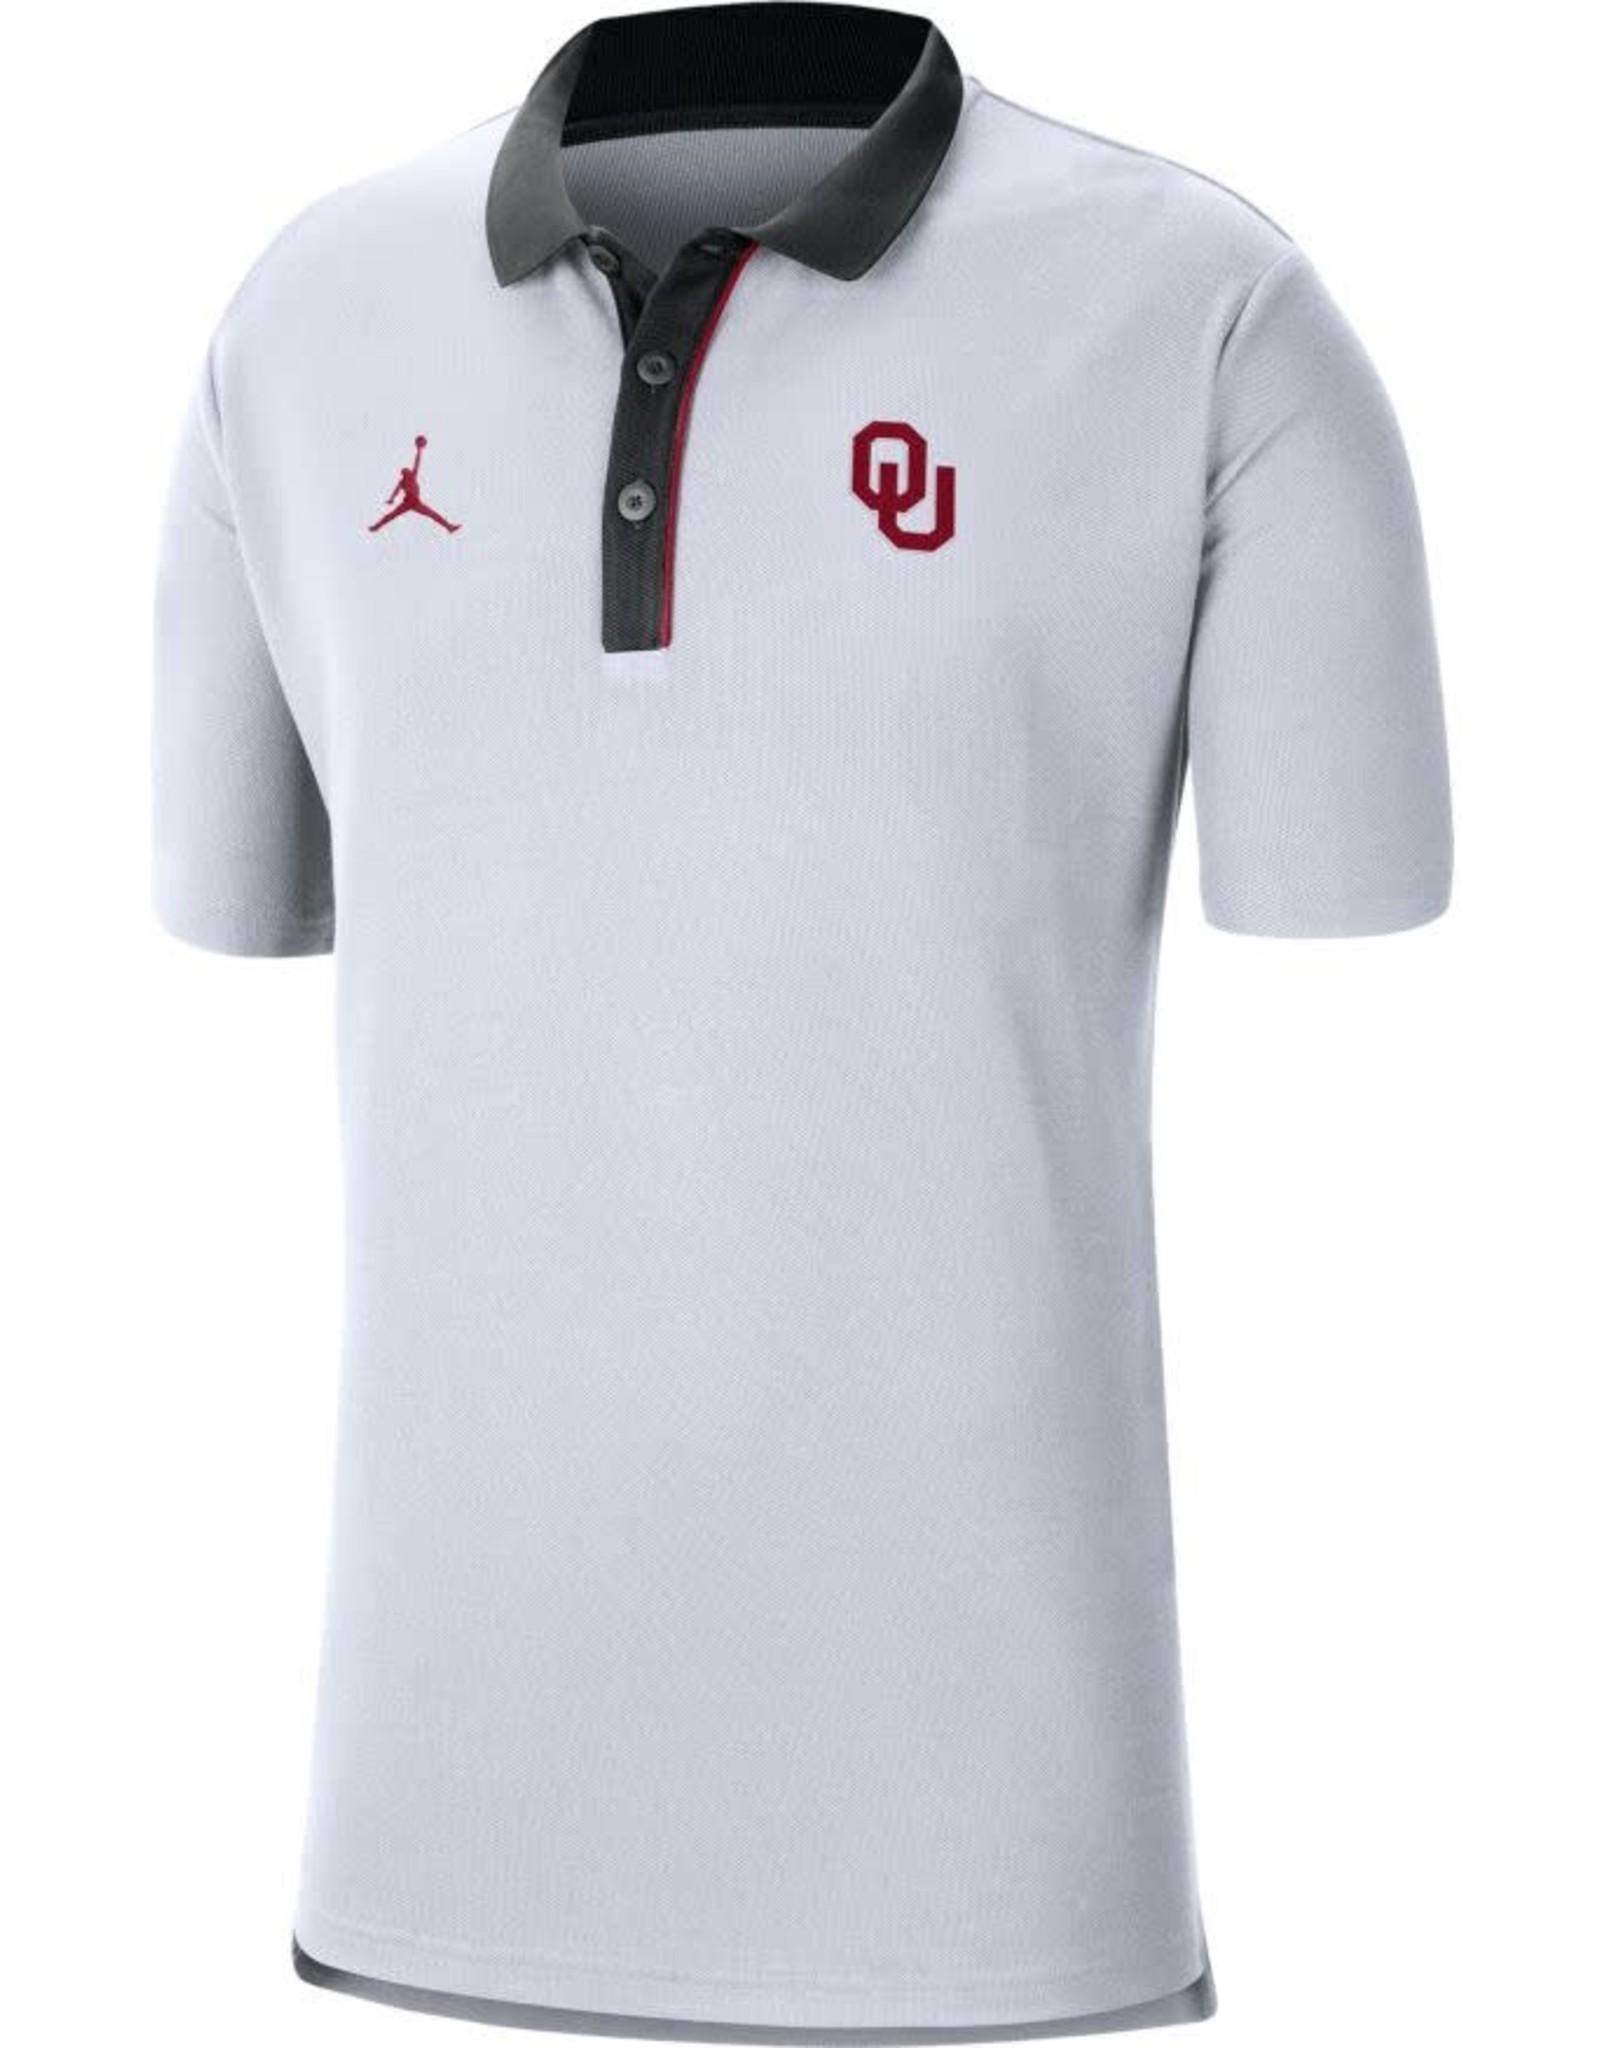 Jordan Men's Jordan OU 2020 Team Polo White